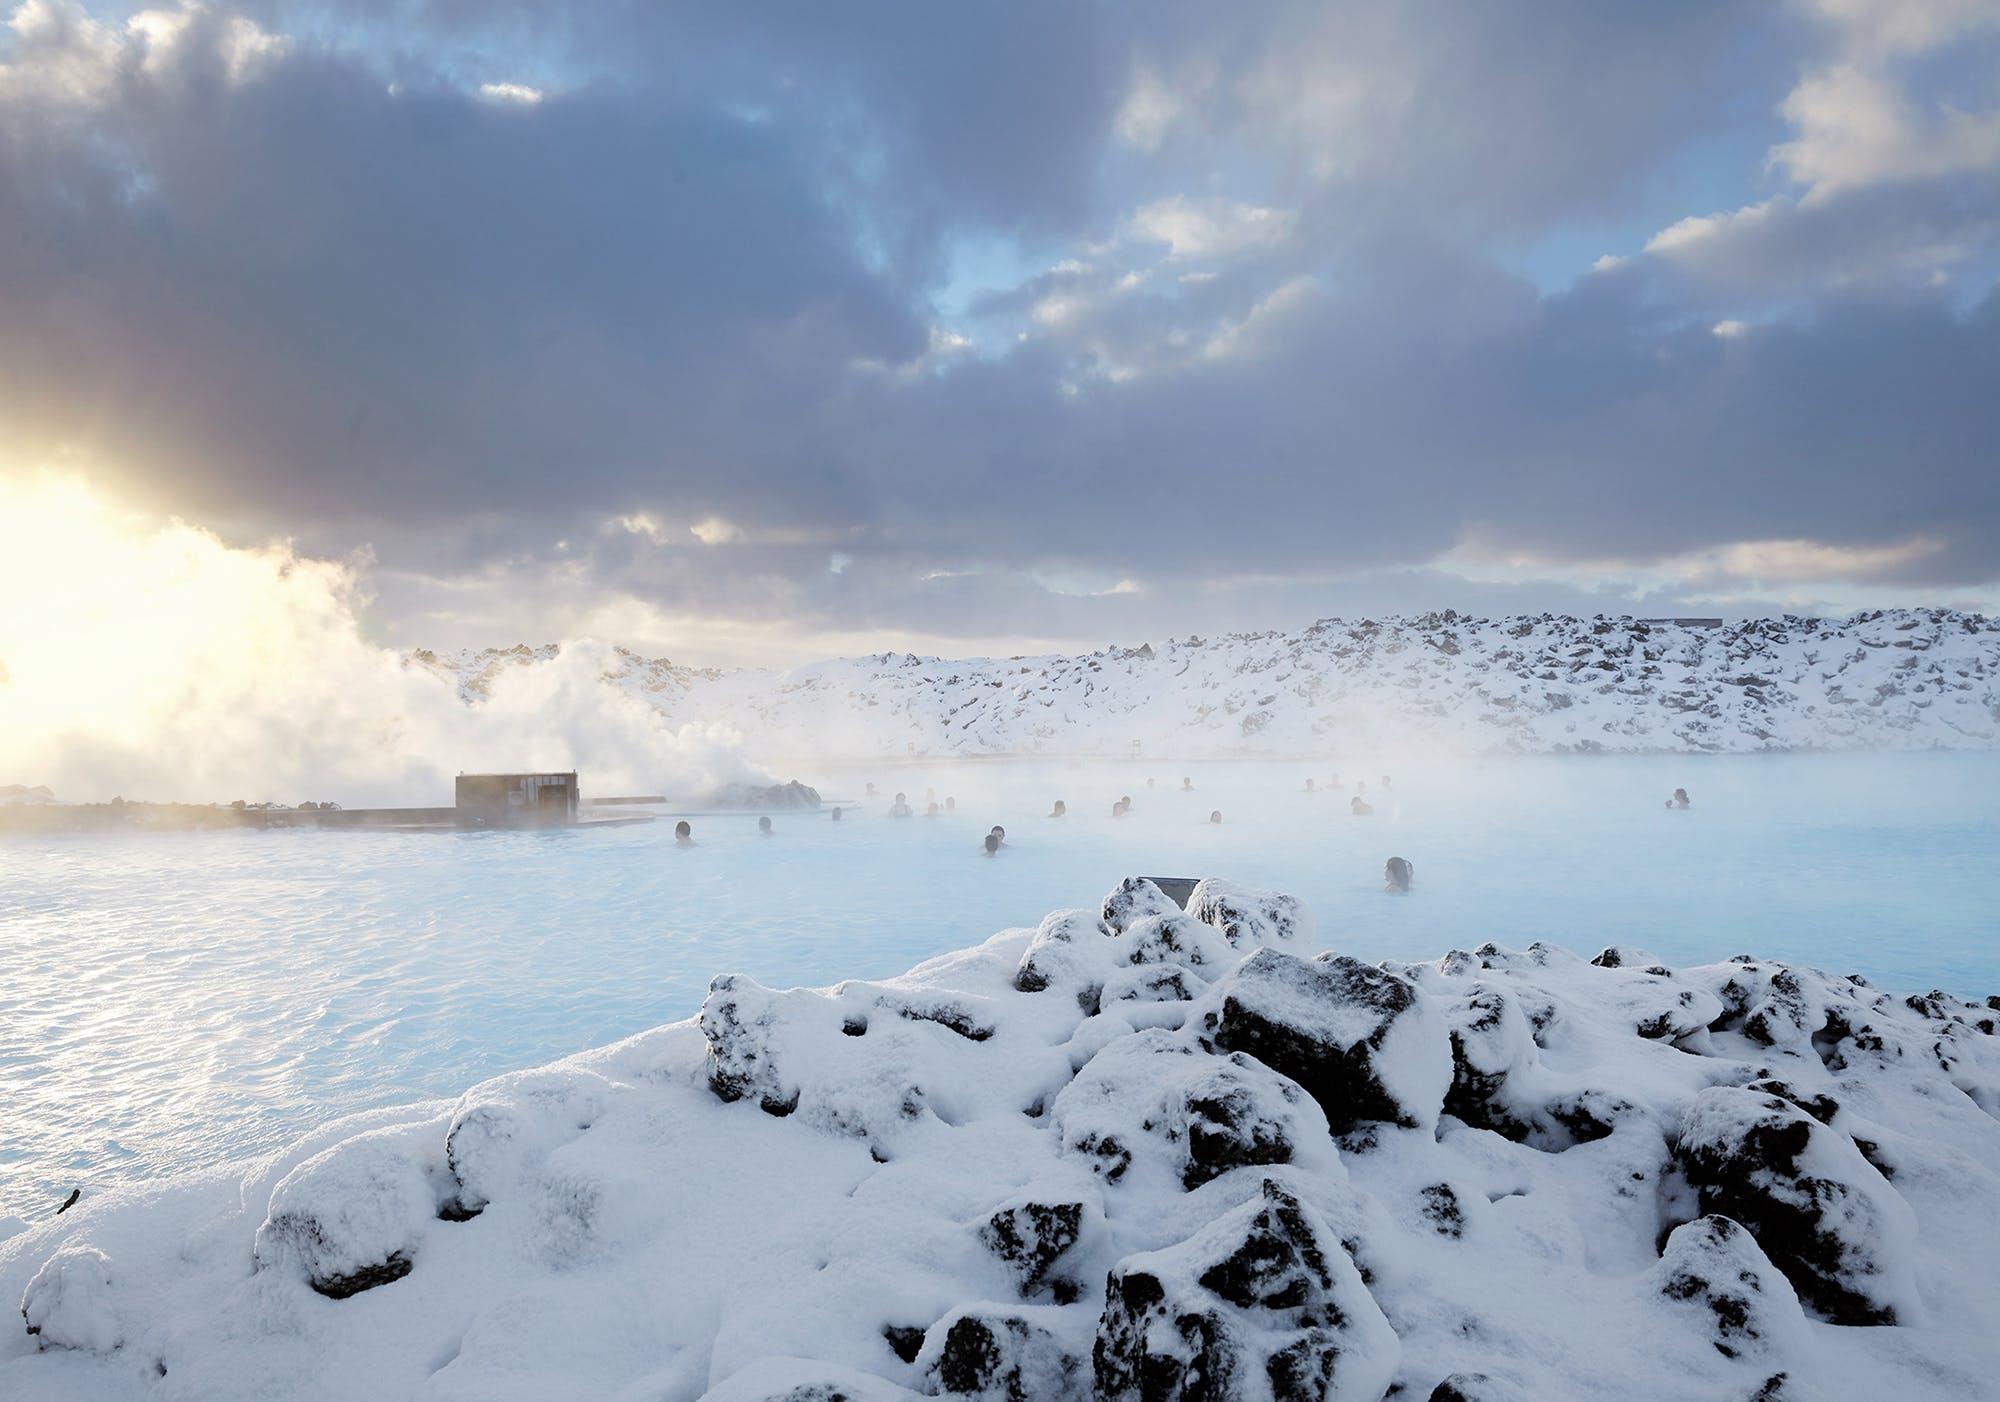 El spa de la Laguna Azul se encuentra en un campo de lava a poca distancia en coche del Aeropuerto Internacional de Keflavík, por lo que es el lugar perfecto para comenzar tu aventura en Islandia.